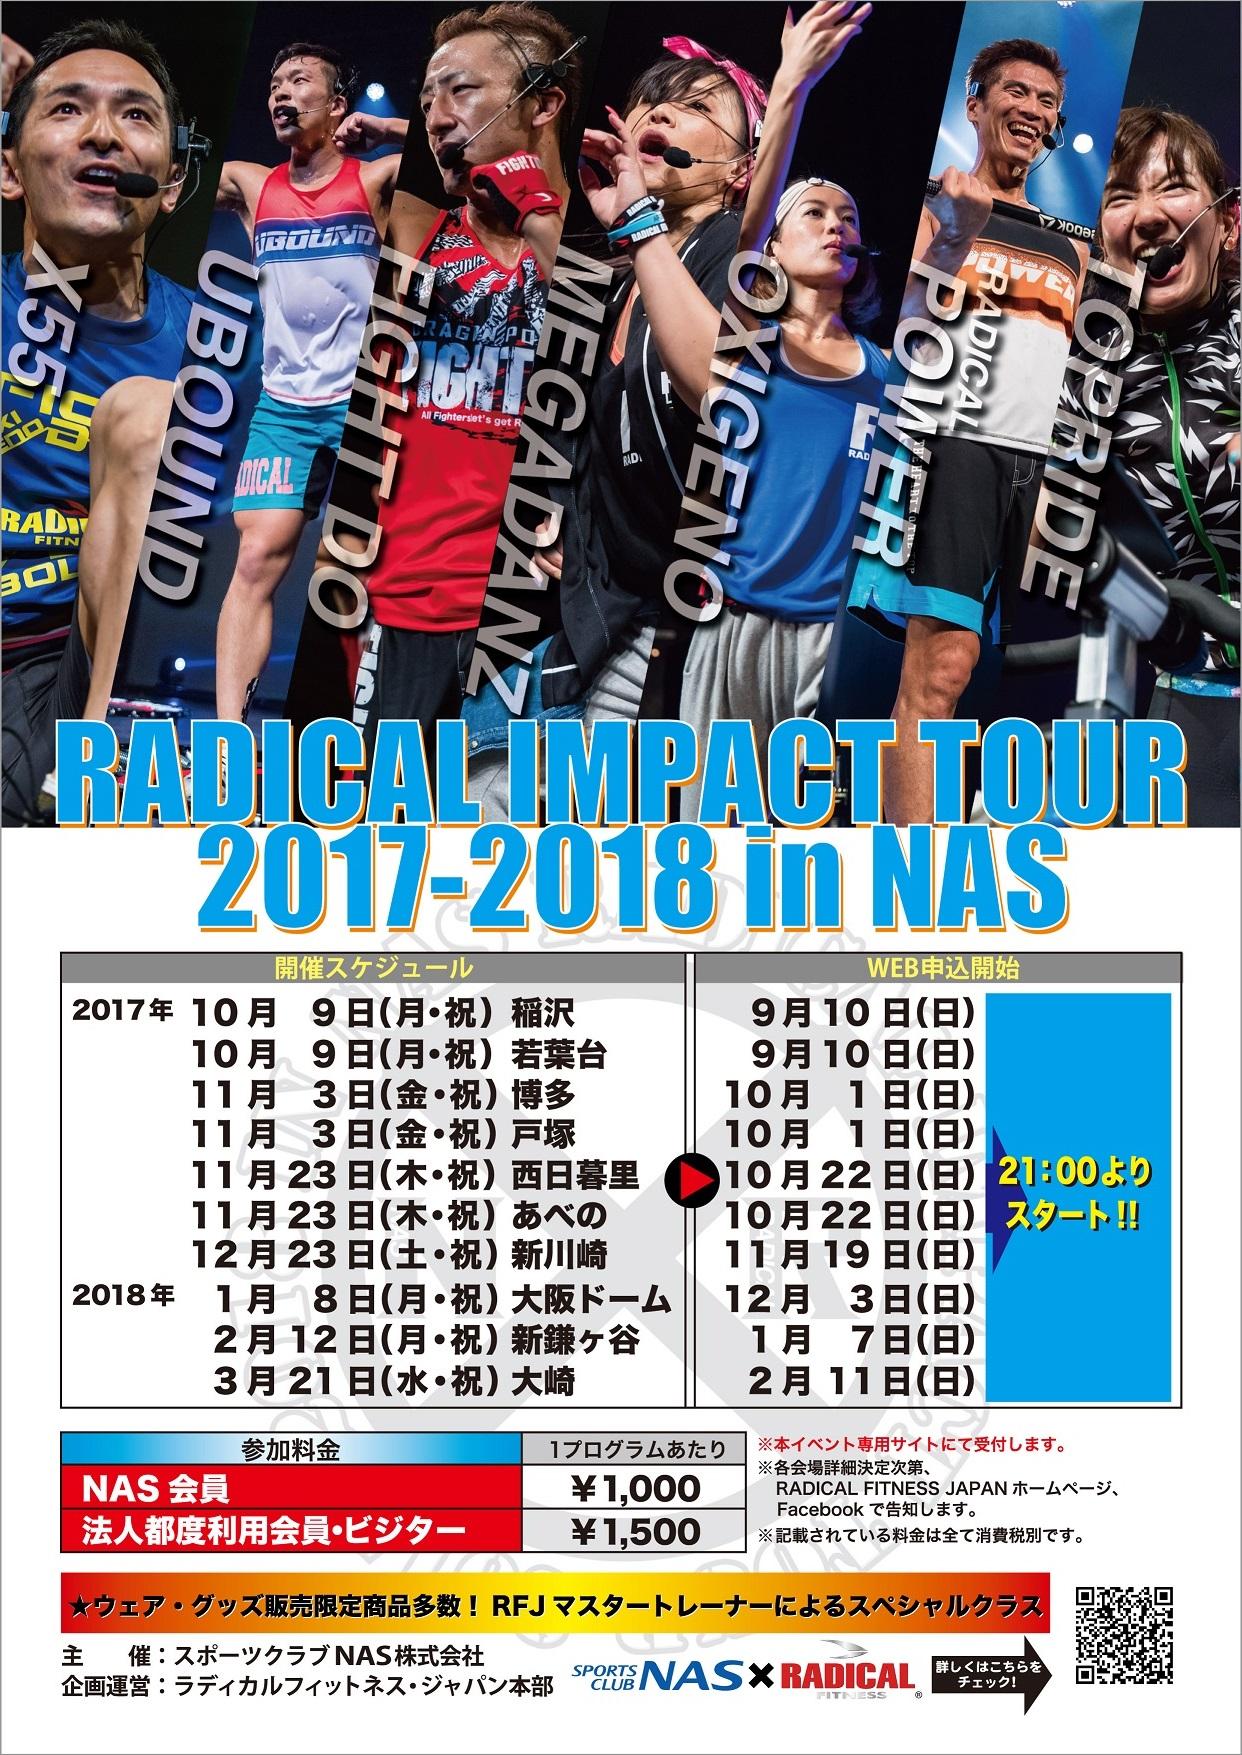 ラディカルインパクトツアー2017-2018 in NAS若葉台 ビジター様